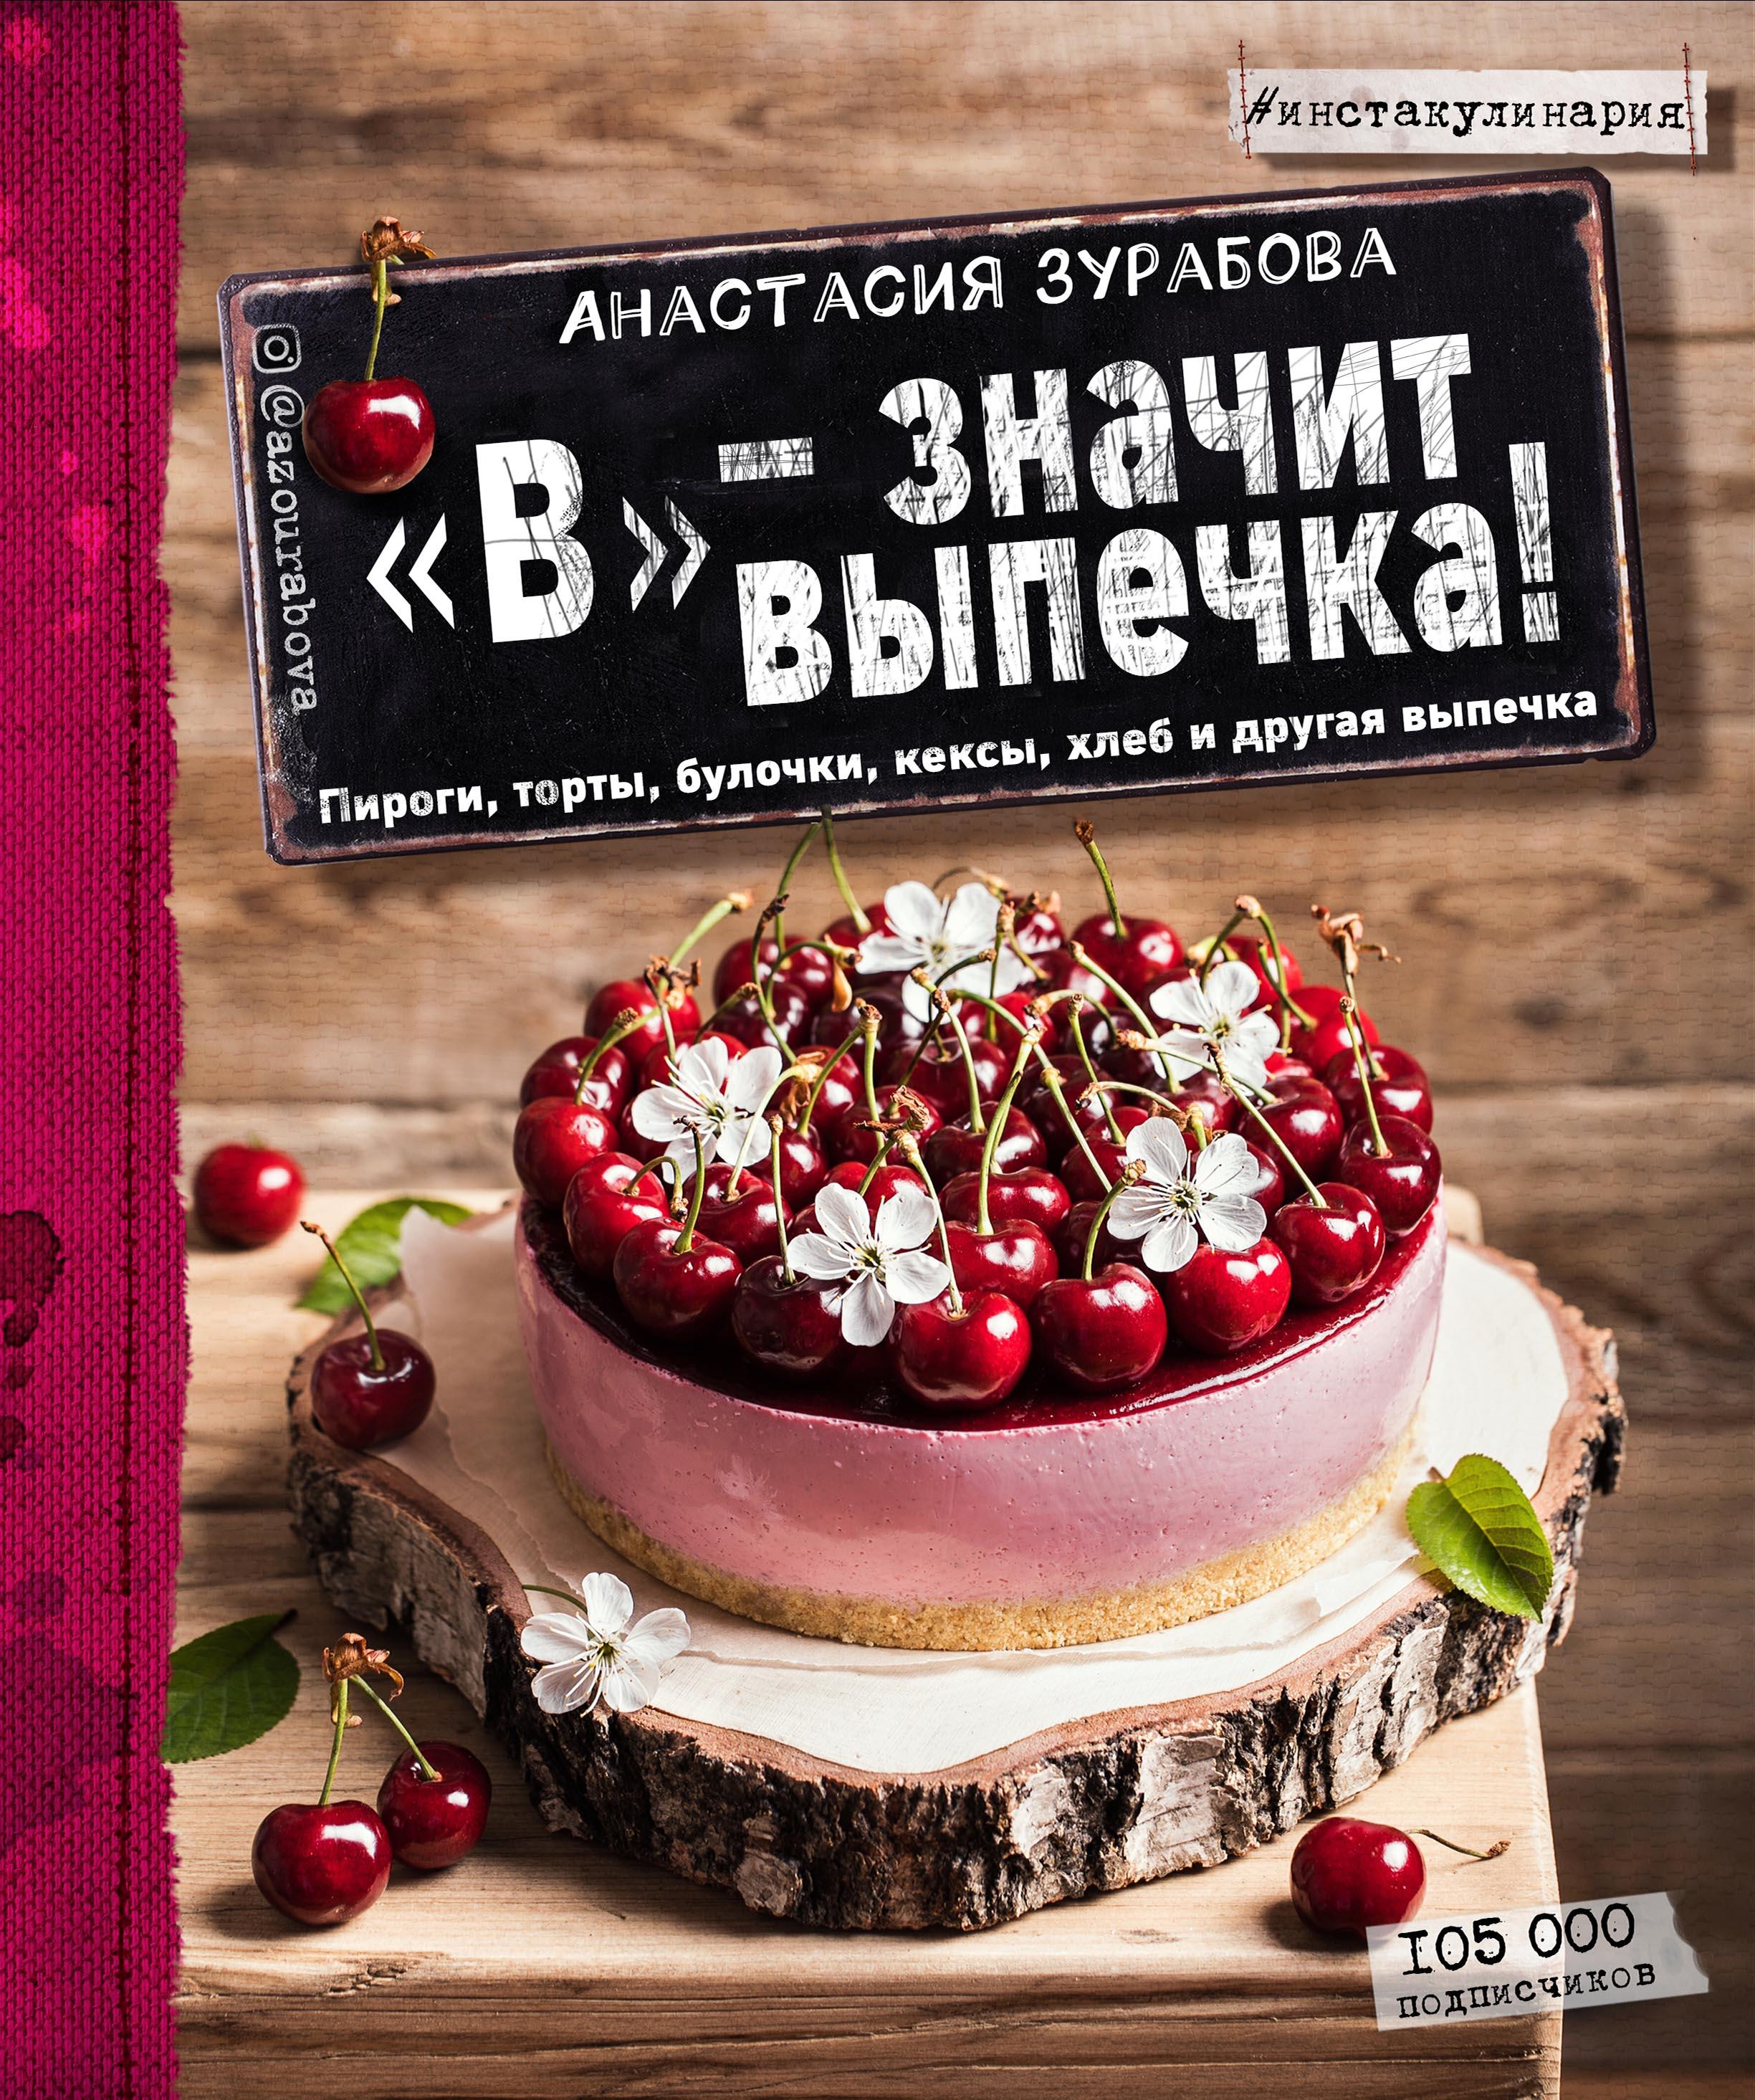 Анастасия Зурабова «В» – значит выпечка. Пироги, торты, булочки, кексы, хлеб и другая выпечка цена 2017